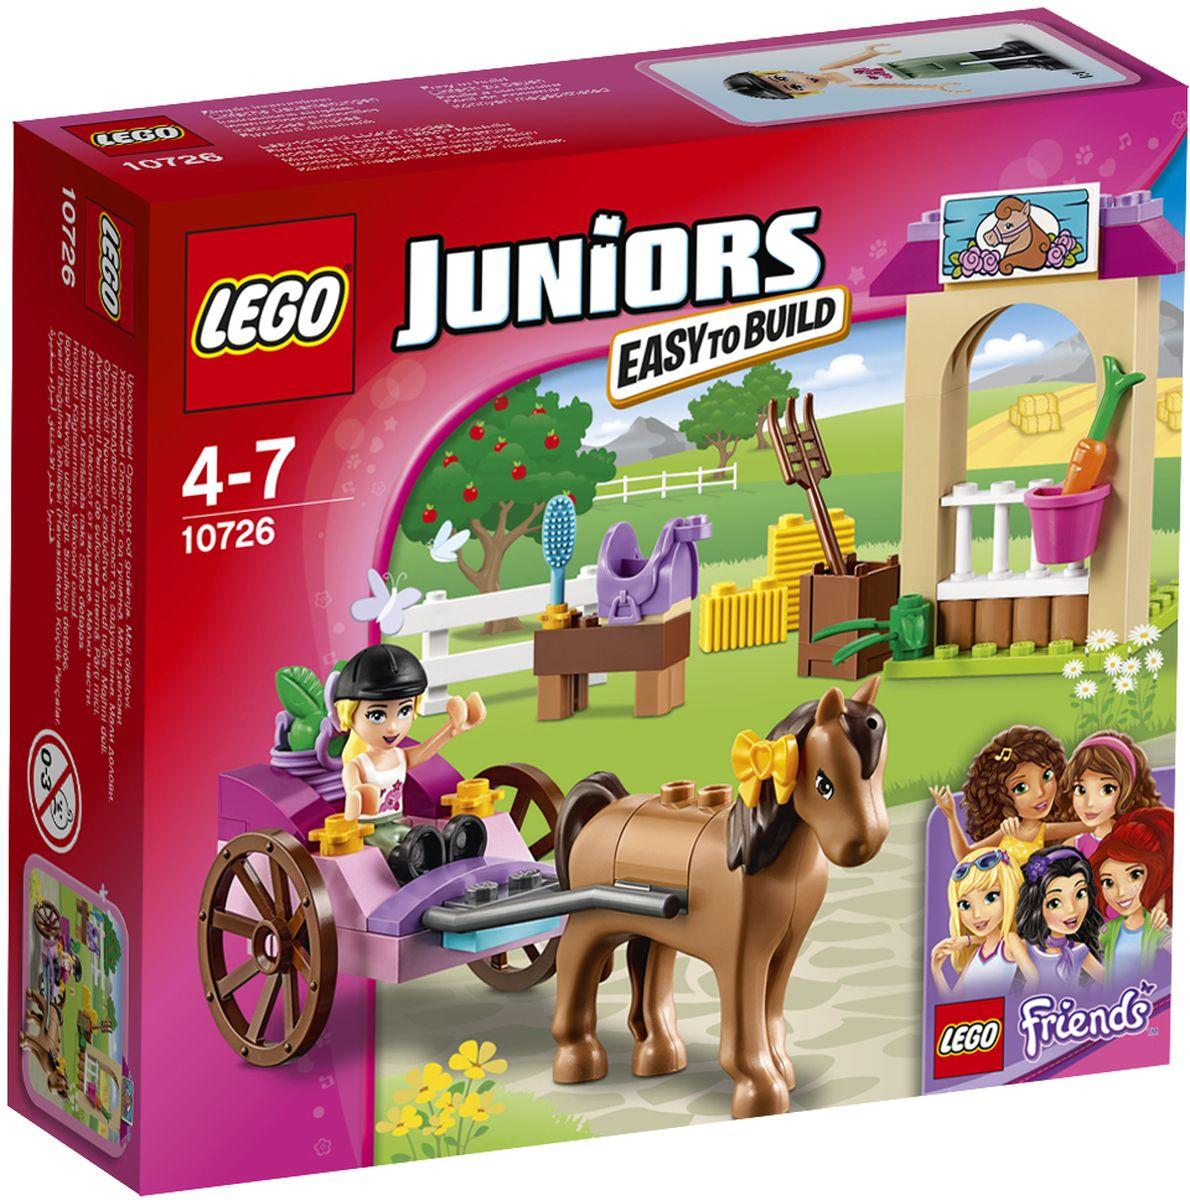 LEGO Juniors Конструктор Карета Стефани 1072610726Составьте Стефани из LEGO Friends и ее лошадке Шоколадке компанию в забавных путешествиях! Помогите Стефани запрячь свою любимицу в повозку, отправляйтесь в сад и соберите целую корзину яблок. Когда вернетесь, отведите Шоколадку в конюшню и покормите ее. Не забудьте хорошенько почистить ее щеткой, вплетите бант в гриву и сгребите рассыпанное сено. Потом оседлайте лошадку и отправляйтесь на увлекательную прогулку по Хартлейк-Сити вместе со своими друзьями! Набор включает в себя 58 разноцветных пластиковых элементов. Конструктор - это один из самых увлекательных и веселых способов времяпрепровождения. Ребенок сможет часами играть с конструктором, придумывая различные ситуации и истории.